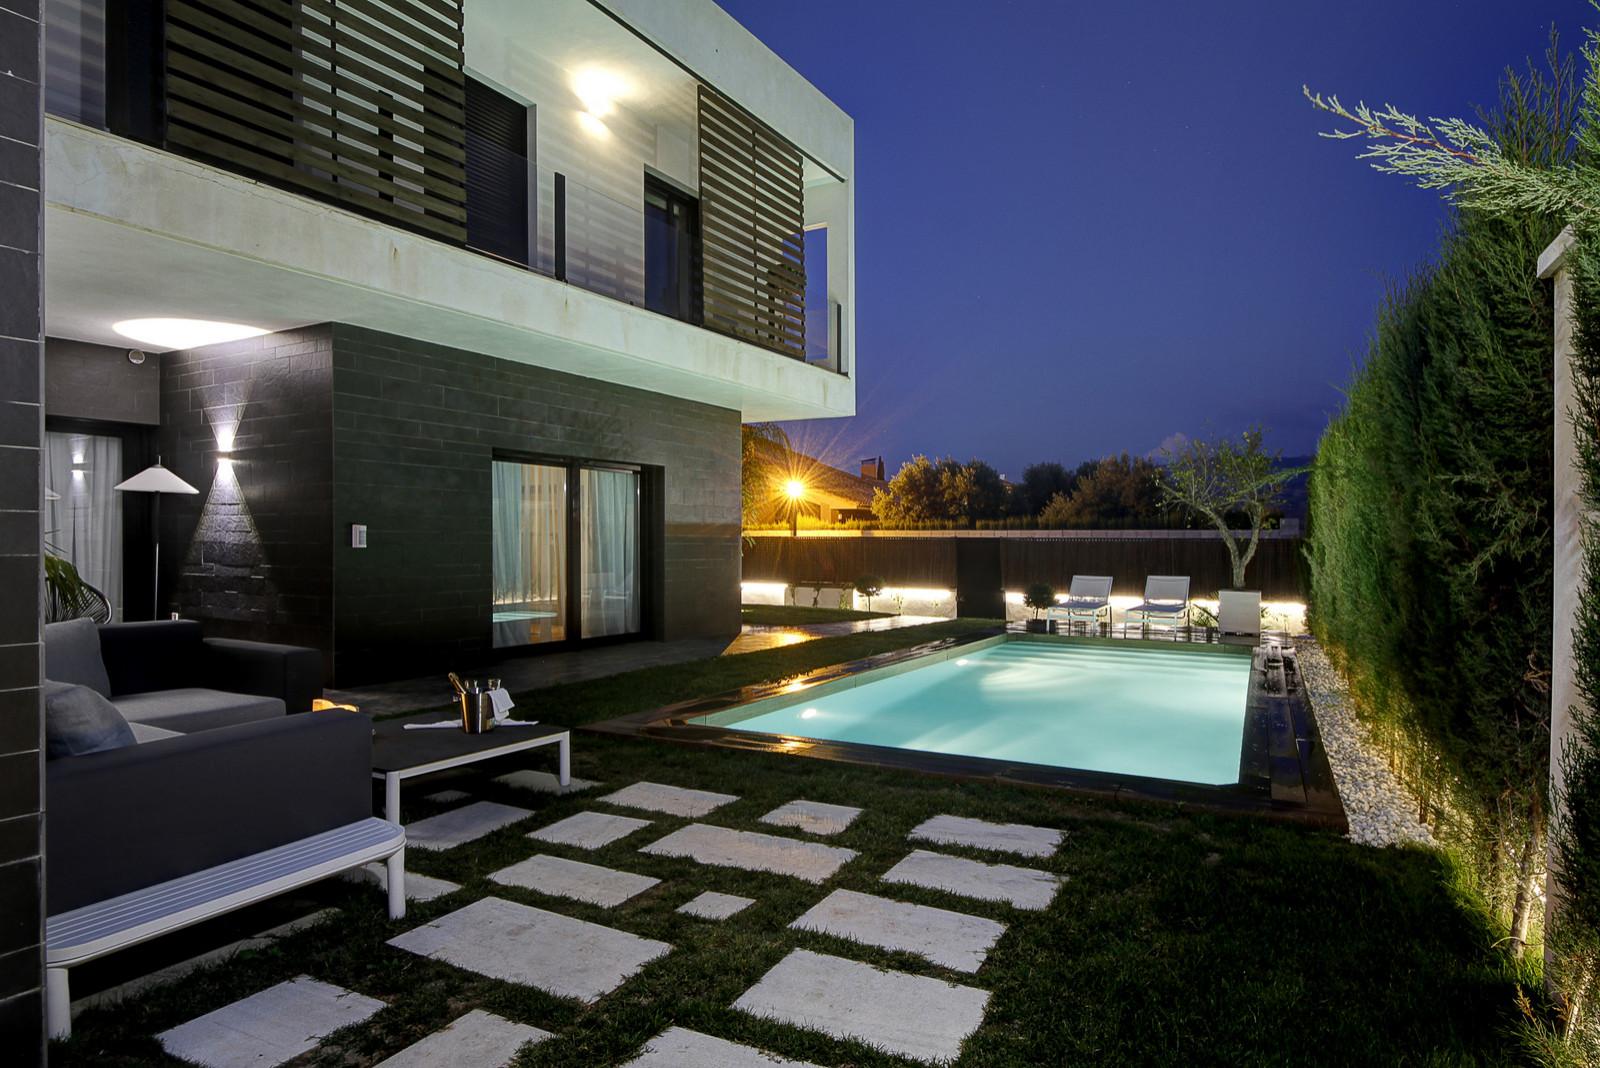 Ejecución de piscina y zonas de ocio en chalet en Otura. Granada.